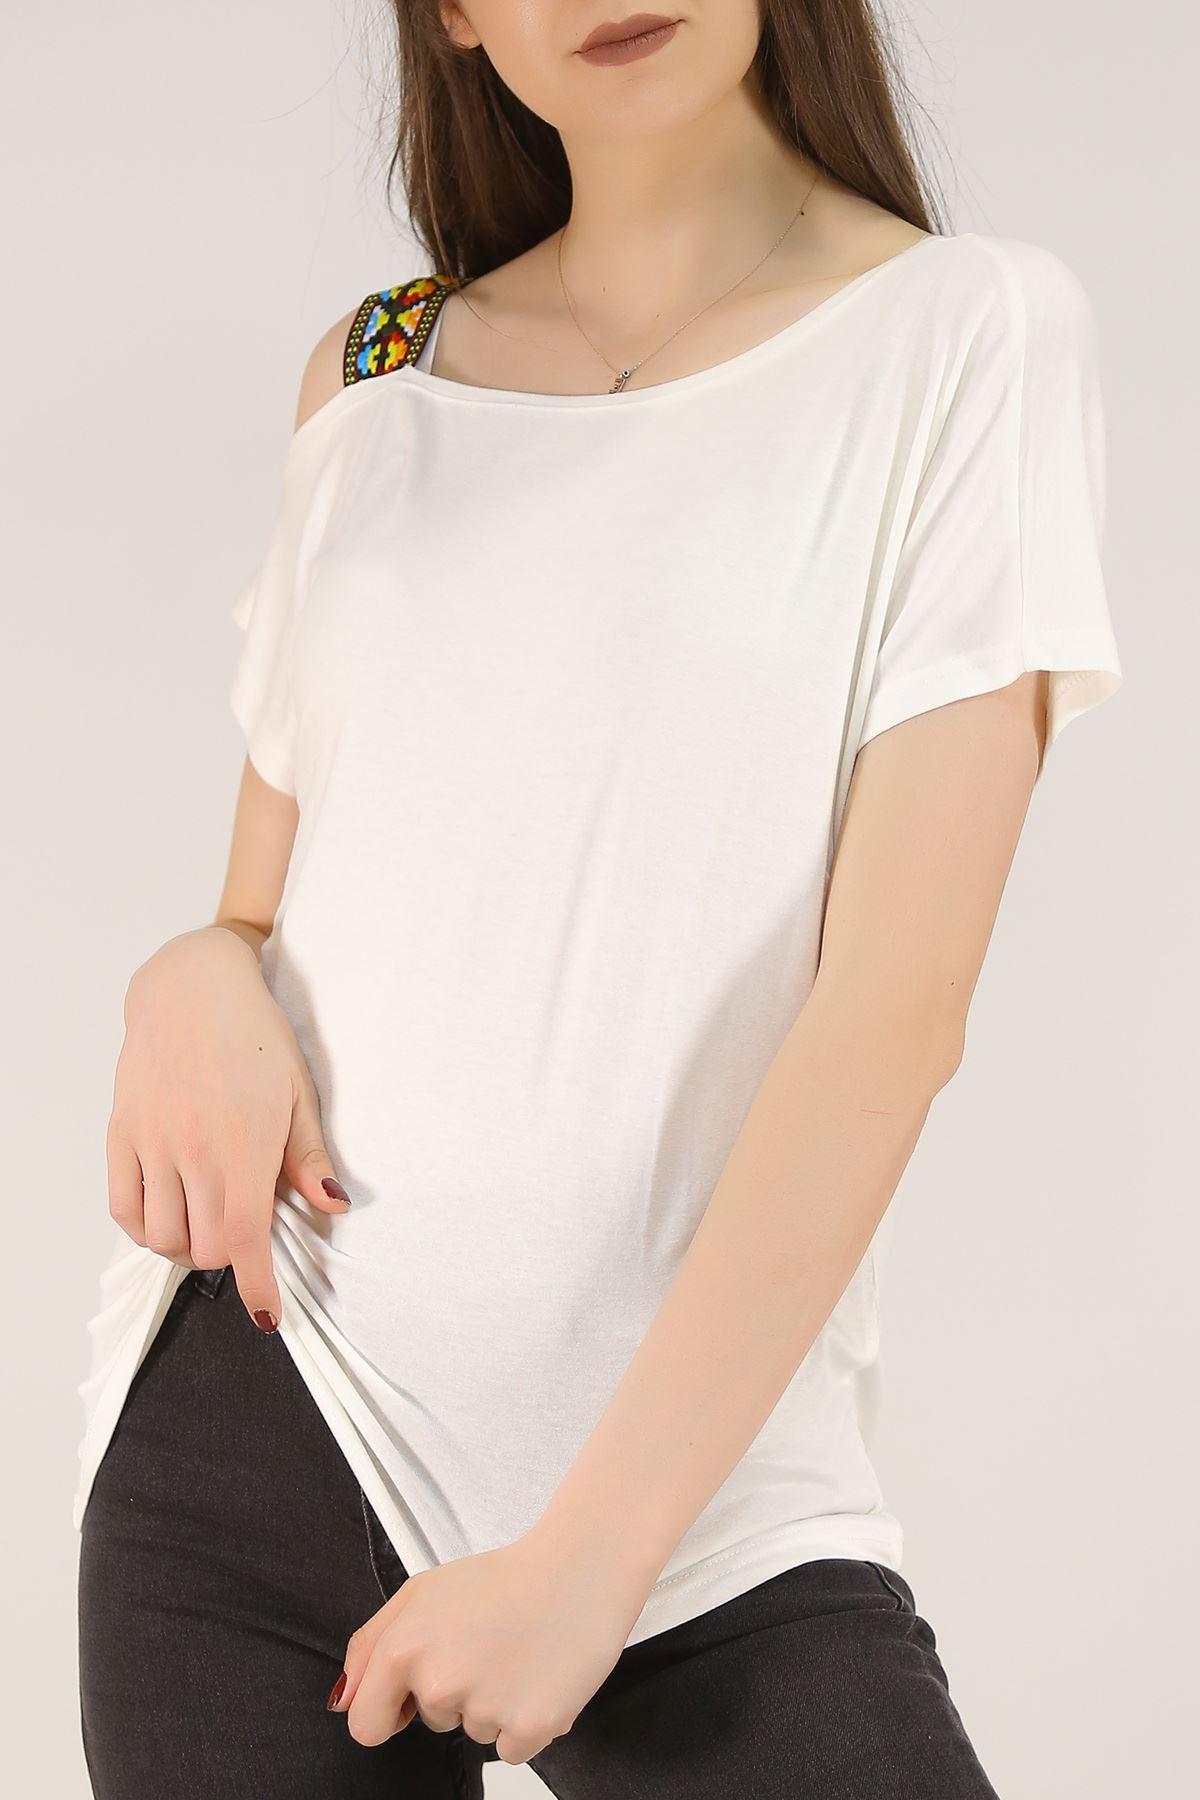 Omuzu Tek Askılı Bluz Beyaz - 1171.1095.